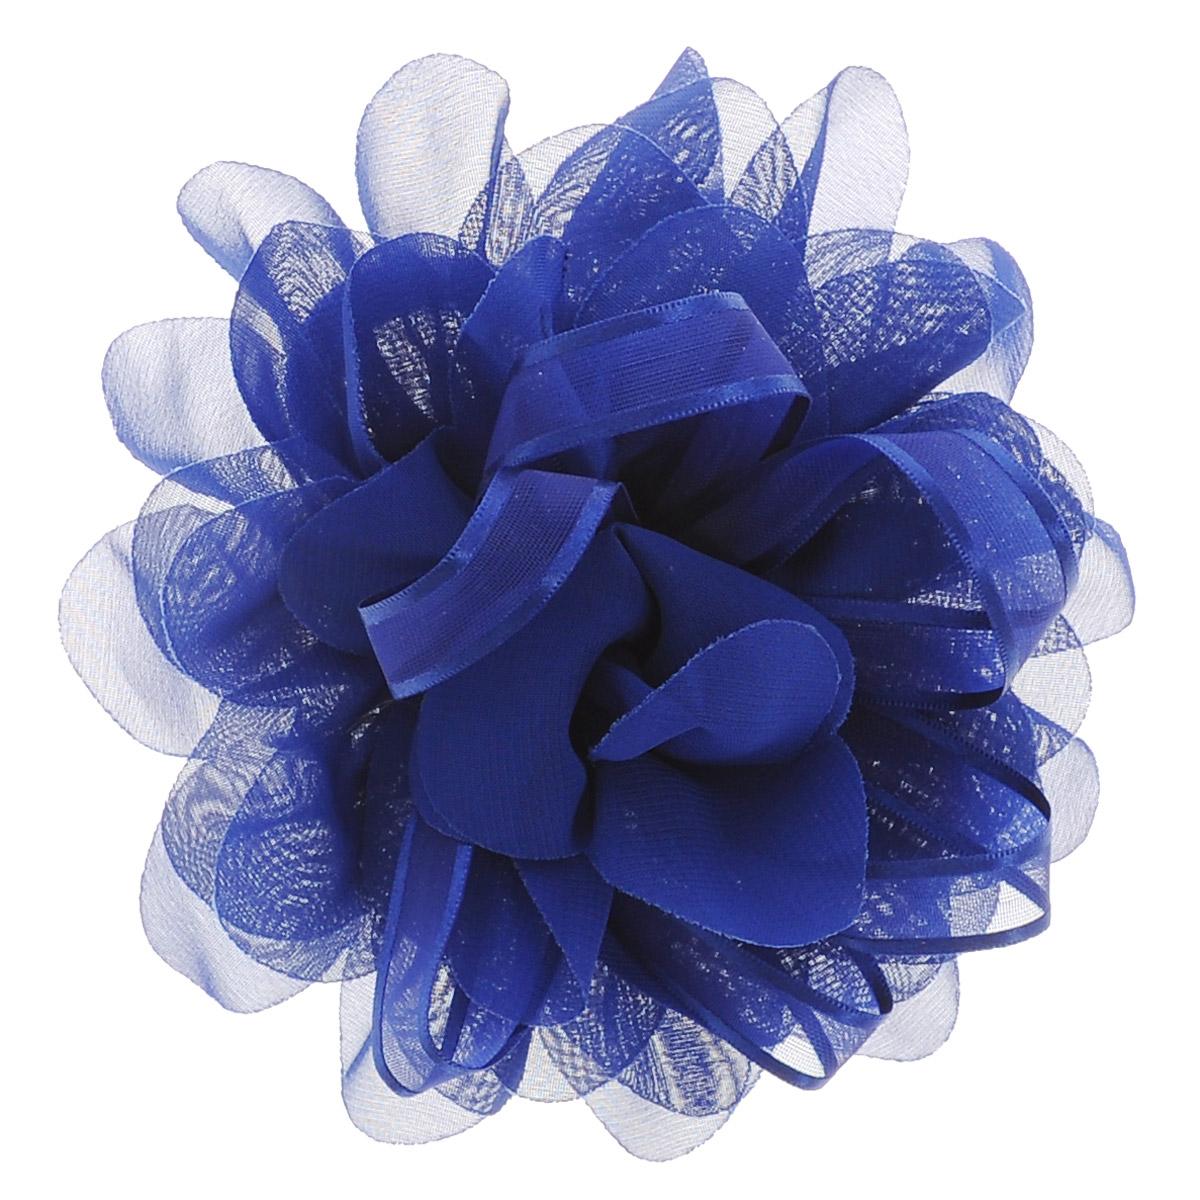 Babys Joy Резинка для волос, цвет: синий. DB 355Satin Hair 7 BR730MNРезинка для волос Babys Joy выполнена в виде большого цветка из текстиля и в центре оформлена лентой из органзы. Резинка для волос Babys Joy подчеркнет красоту прически вашей маленькой модницы.